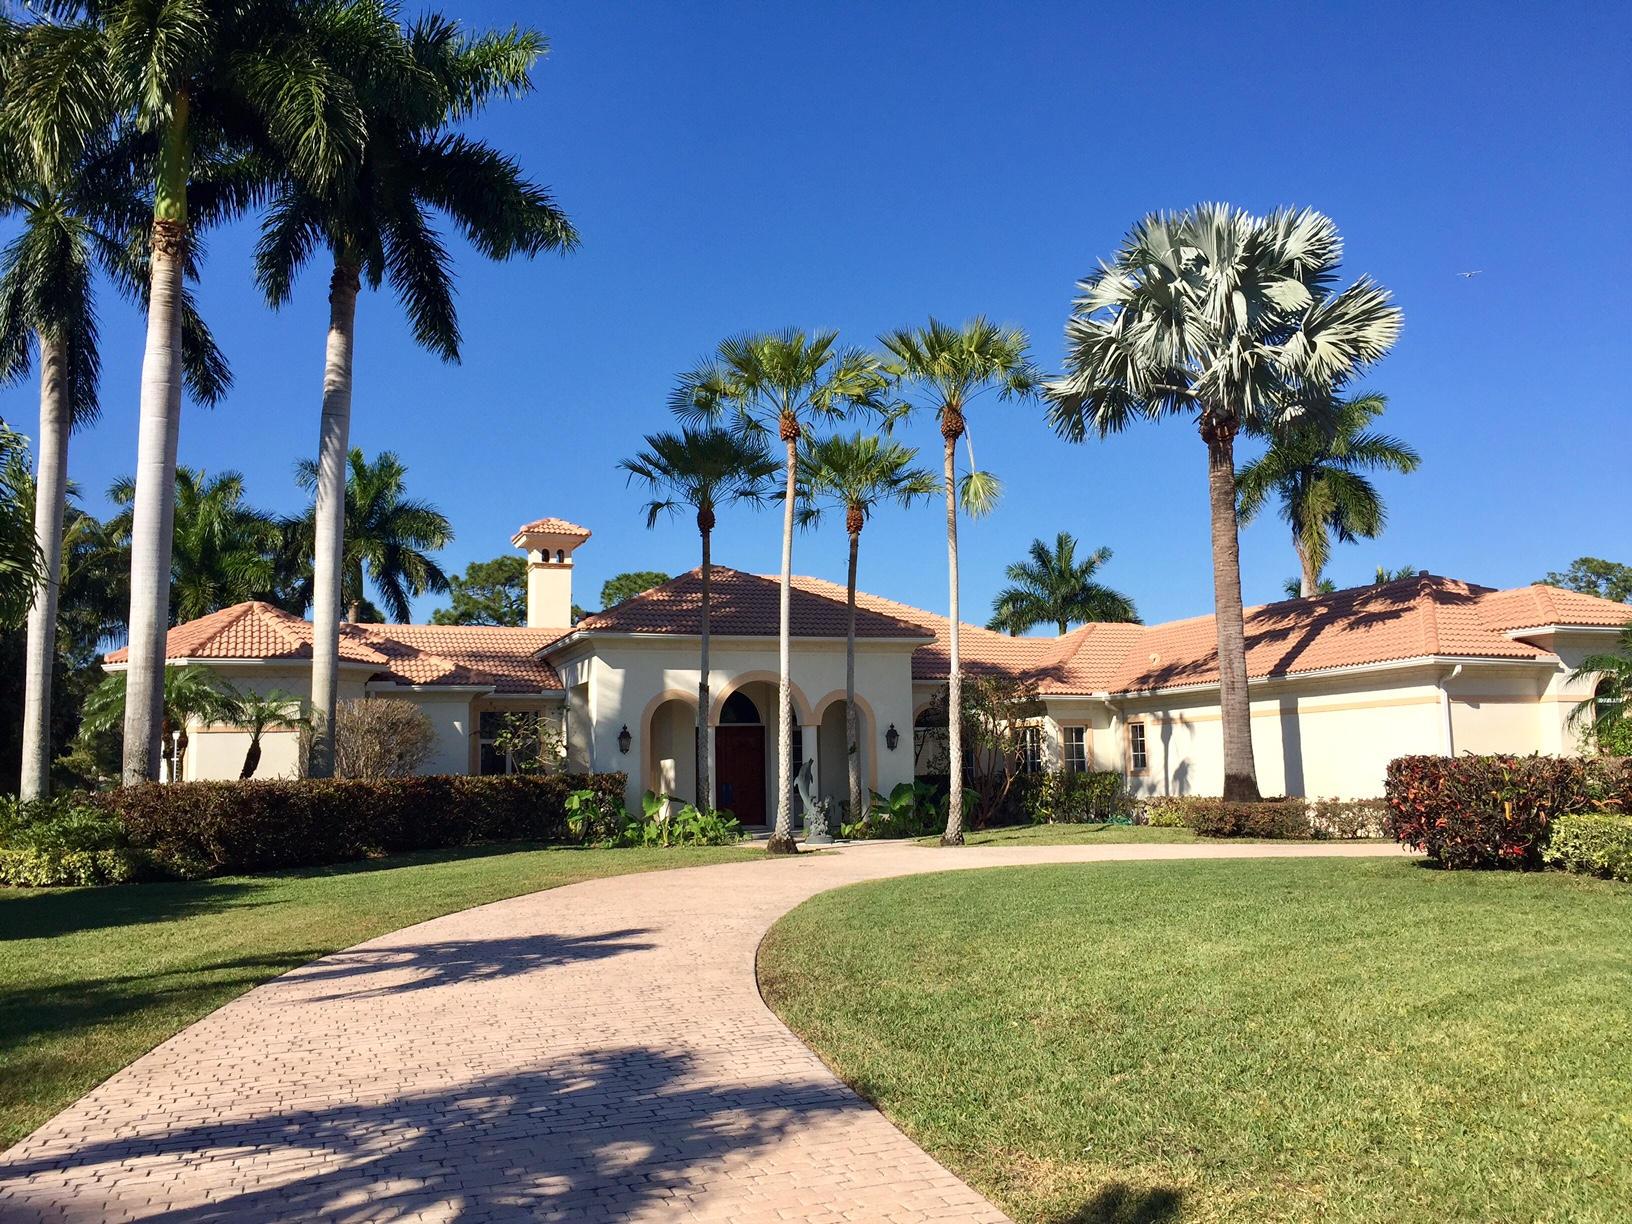 645 Atlantis Estates Way, Atlantis, Florida 33462, 4 Bedrooms Bedrooms, ,4.1 BathroomsBathrooms,Single Family,For Sale,Atlantis Estates,RX-10486000